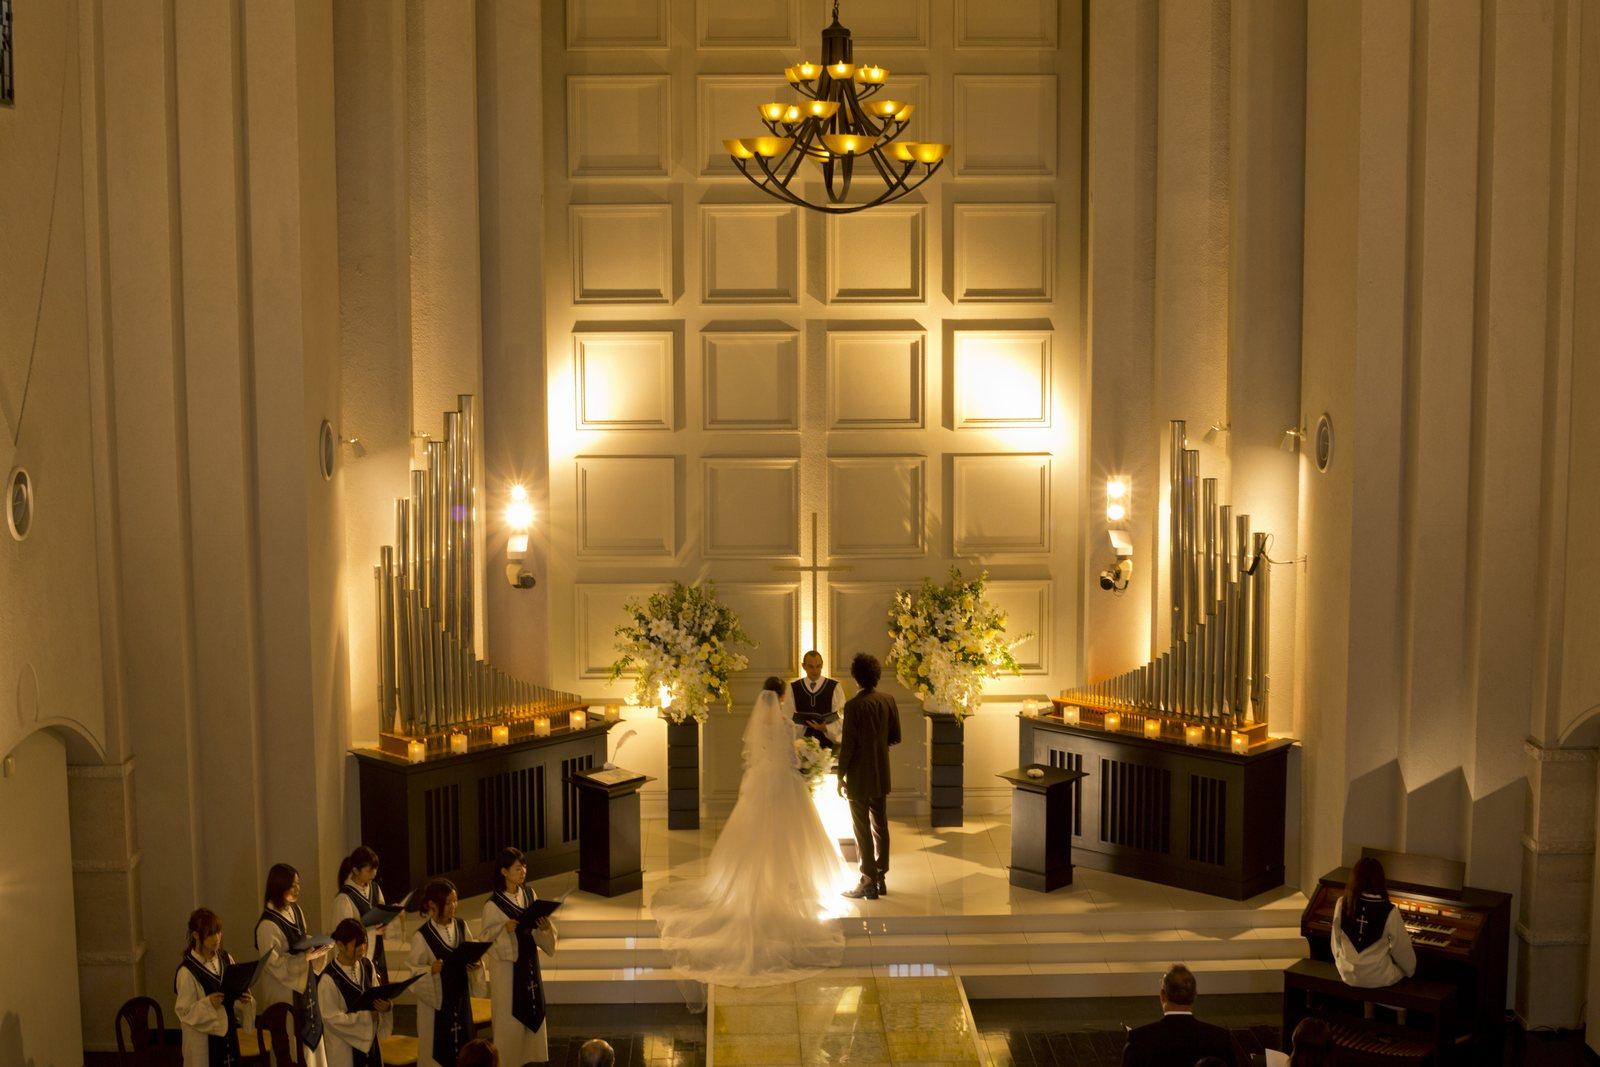 香川県の結婚式場シェルエメールのチャペルでのセレモニー